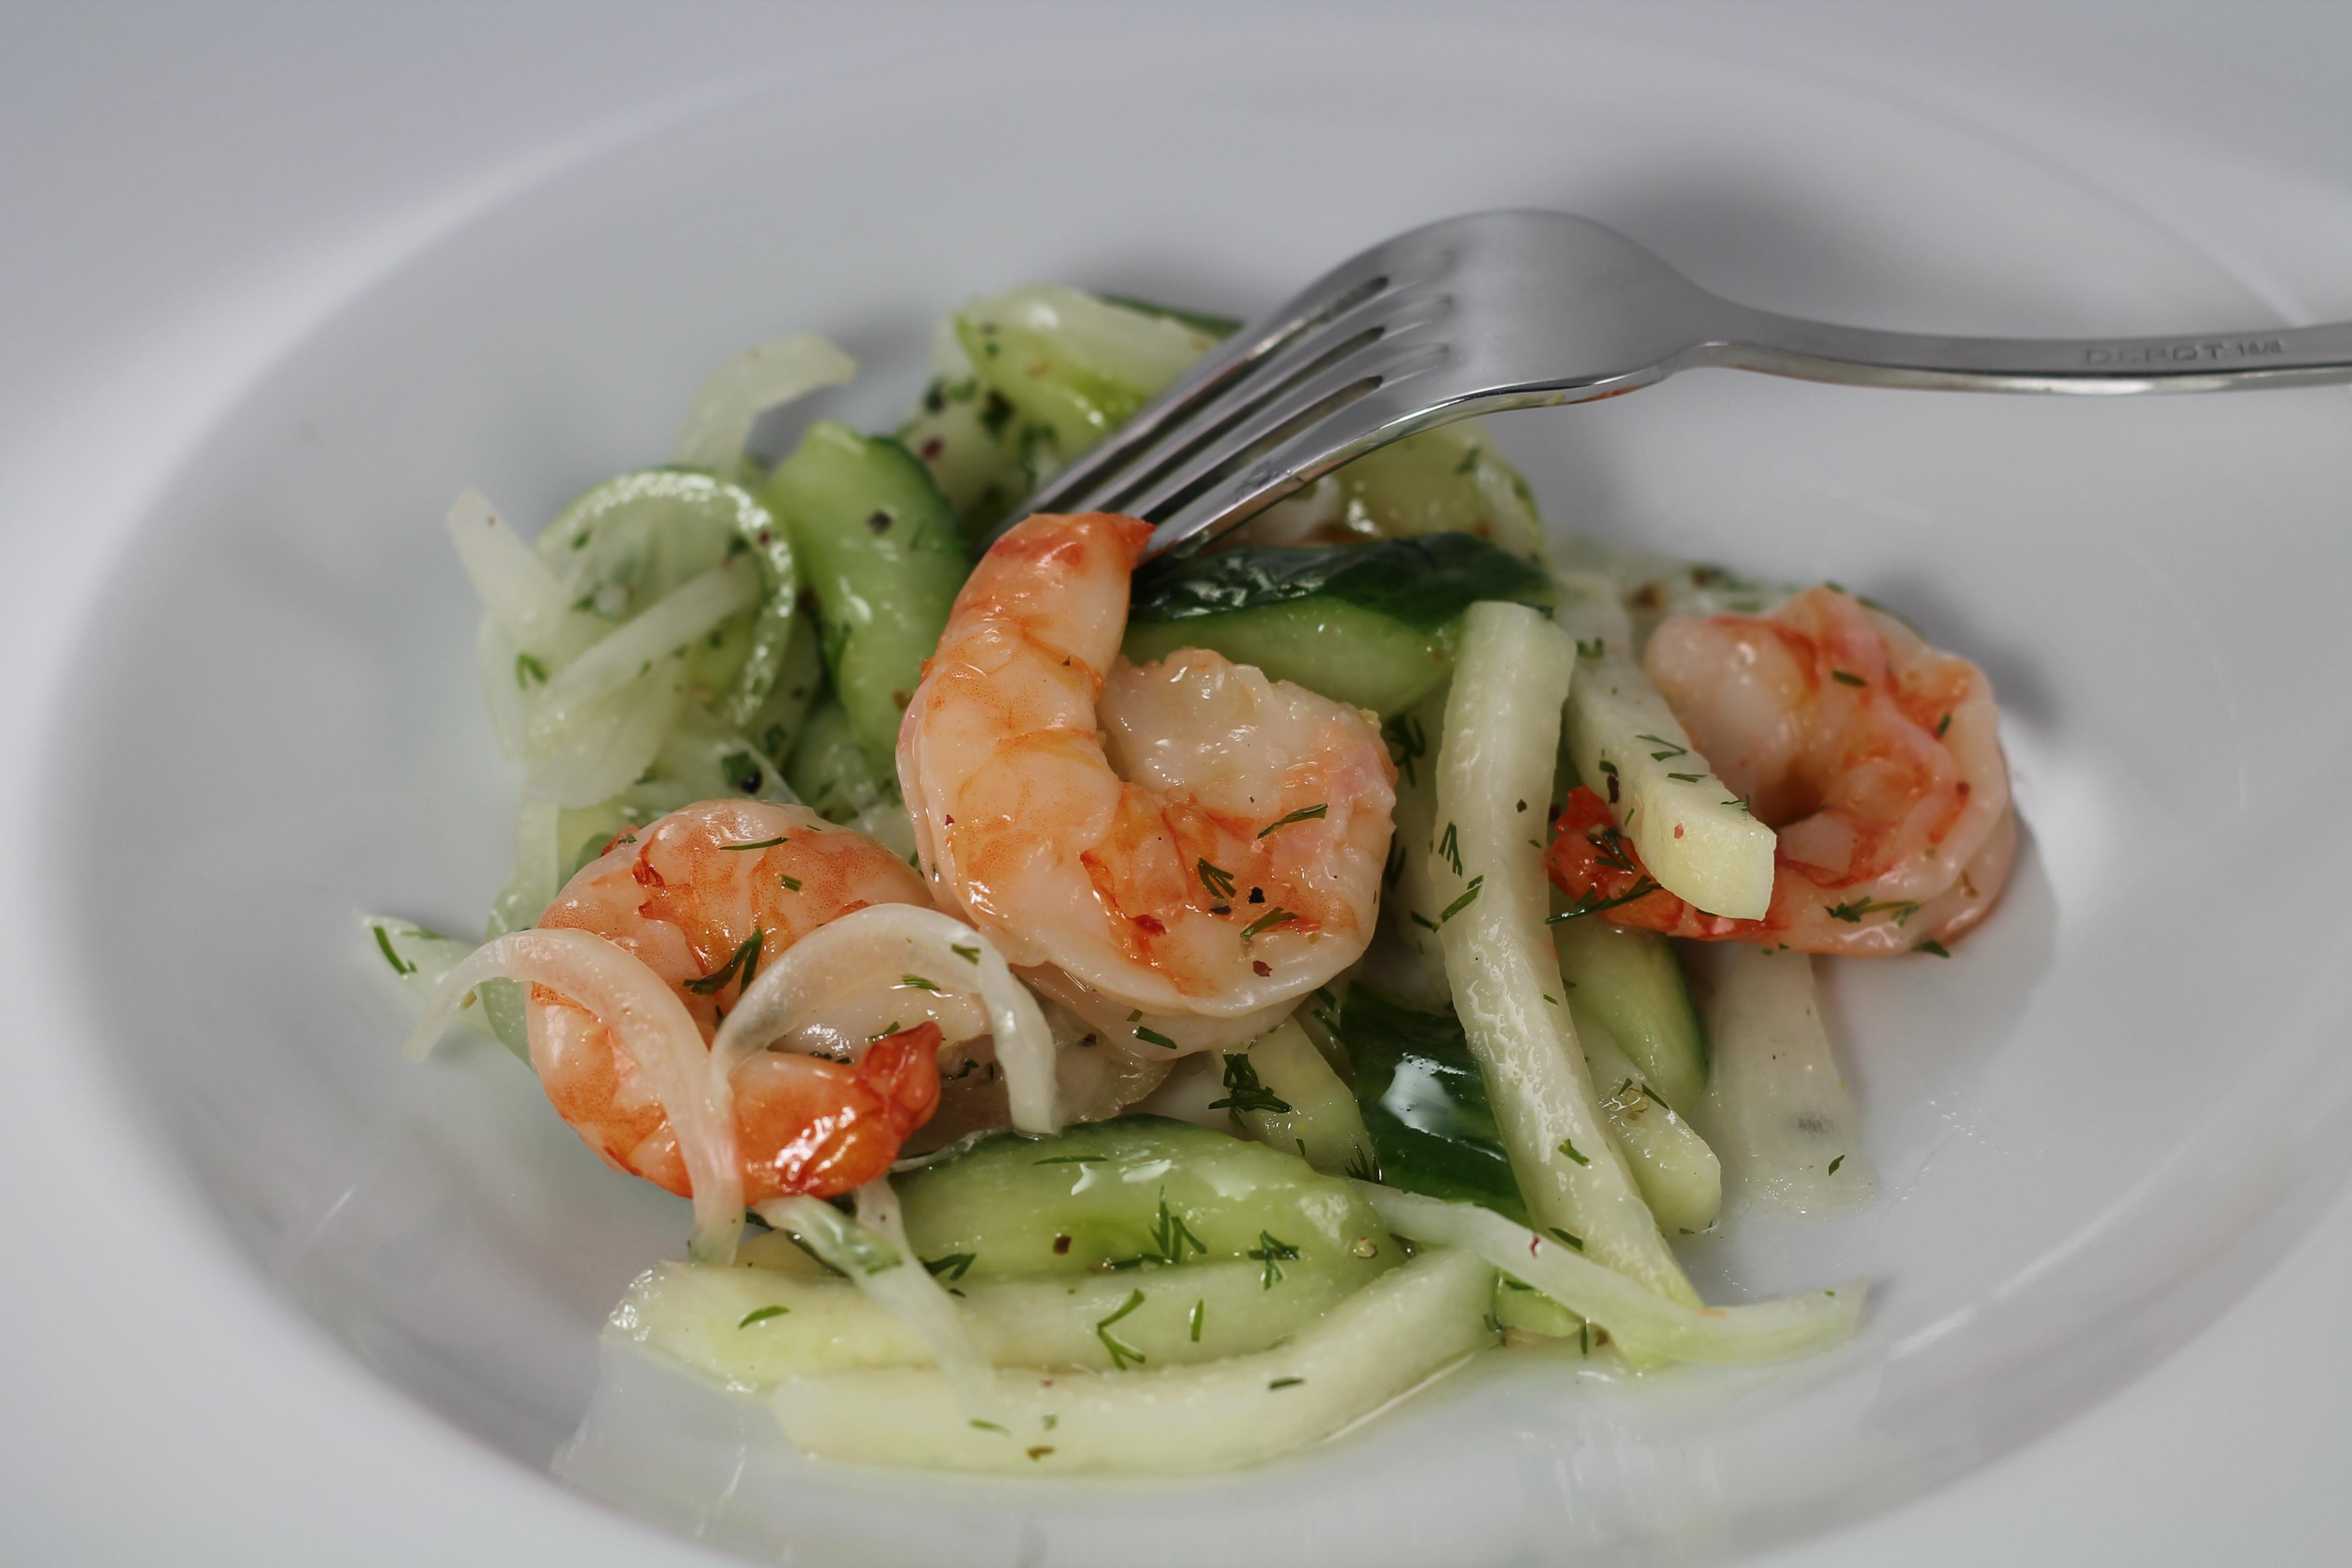 Nella foto si vede un'insalata di scampi, cavolo rapa e cetriolo su un piatto bianco